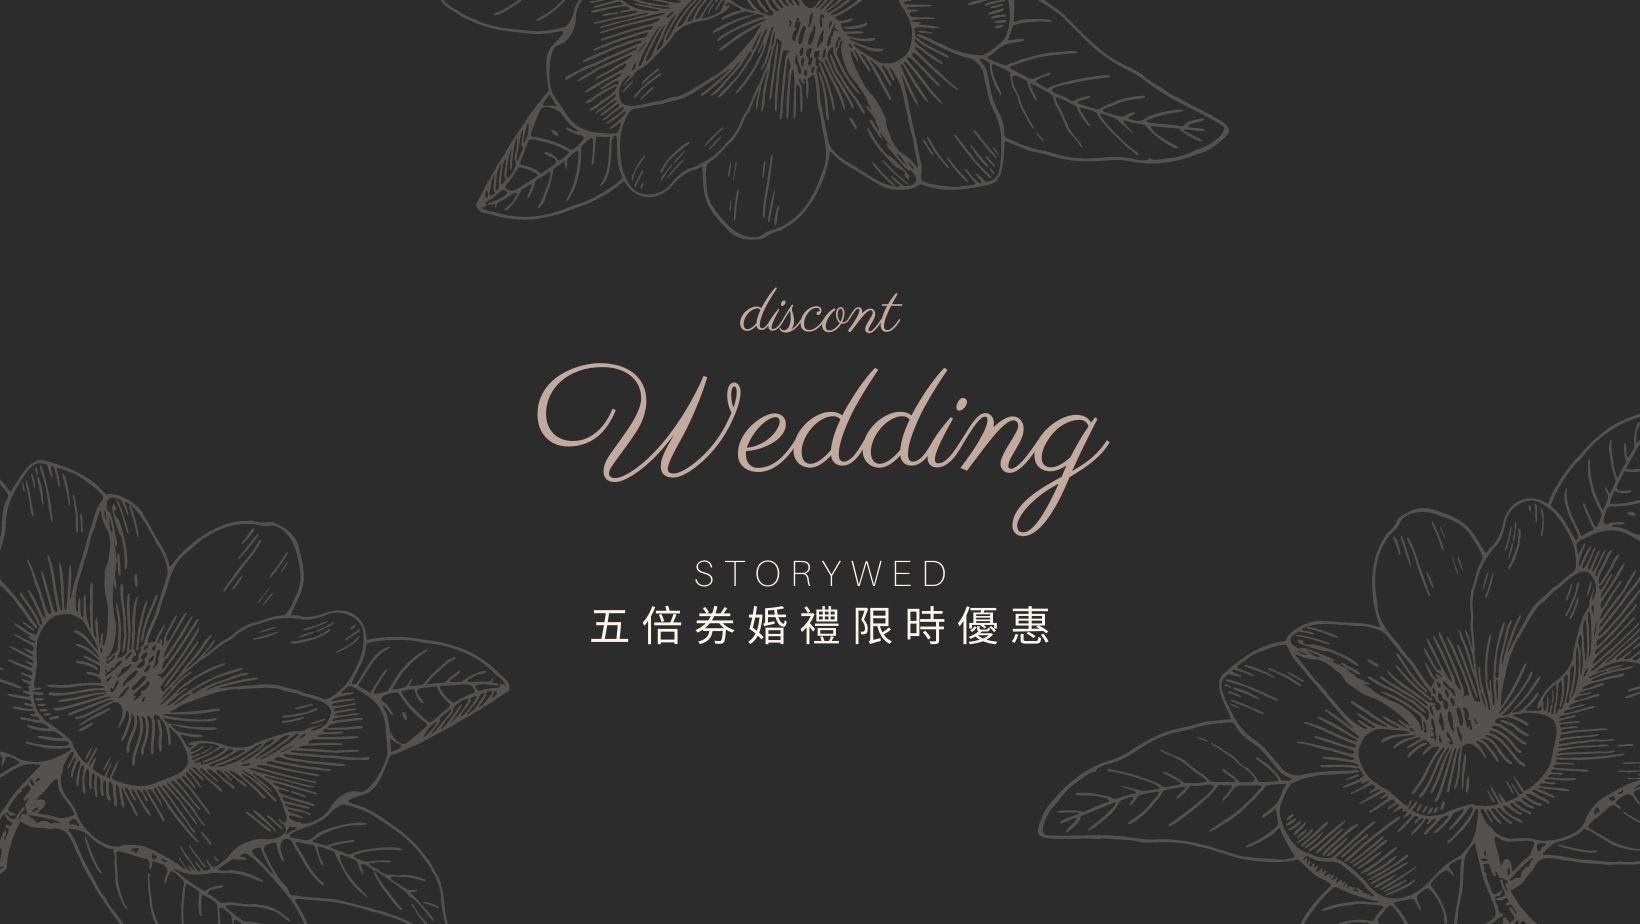 【限時優惠】婚禮五倍券優惠